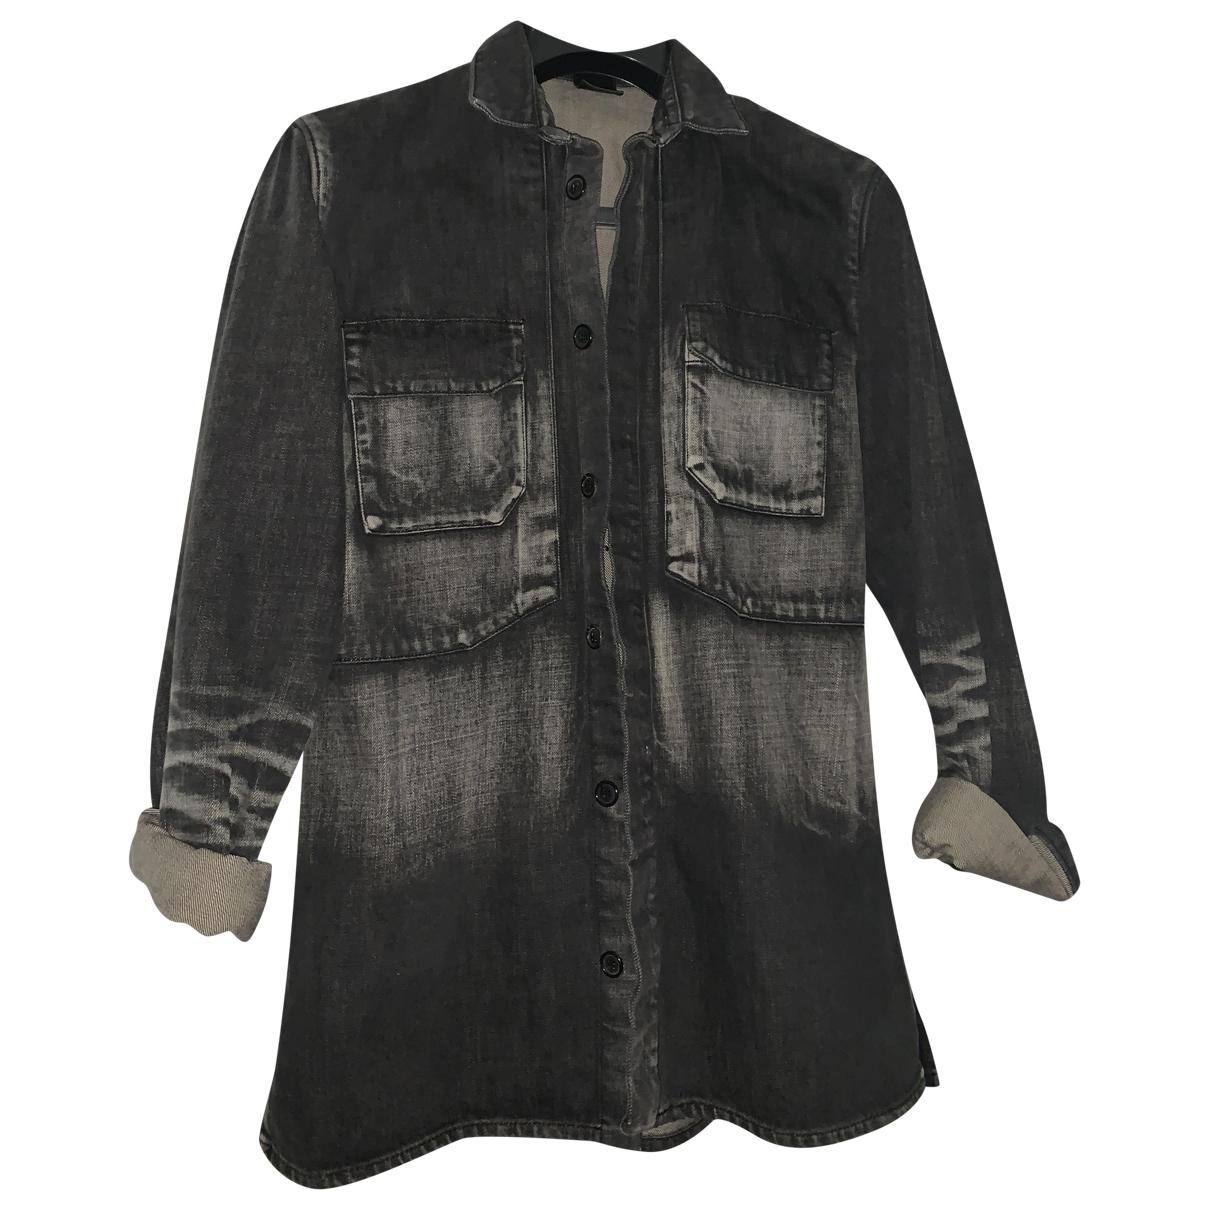 Dior Homme \N Black Denim - Jeans jacket  for Men 44 FR